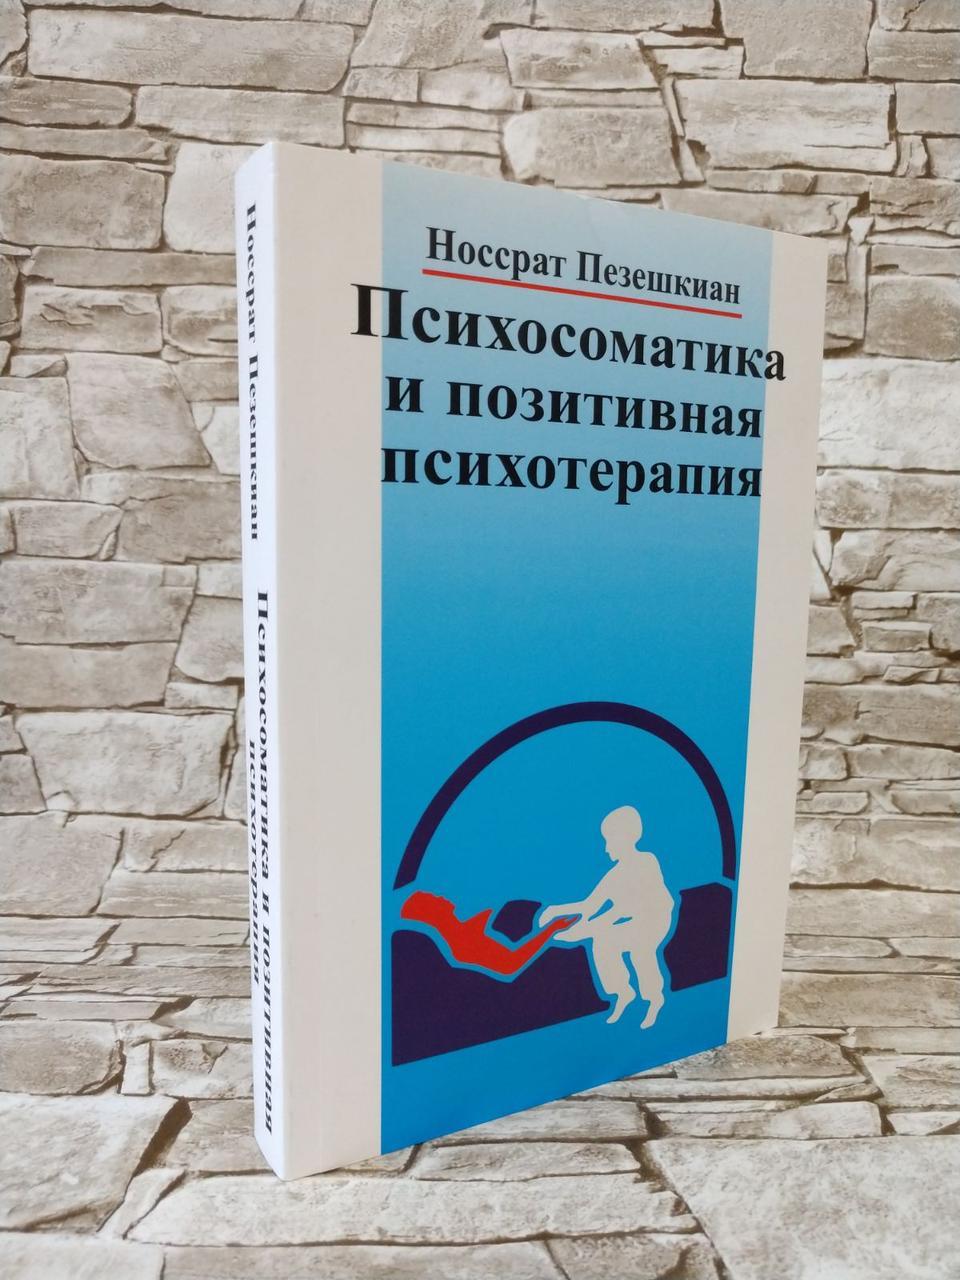 """Книга """"Психосоматика и позитивная психотерапия"""" Носсрат Пезешкиан"""